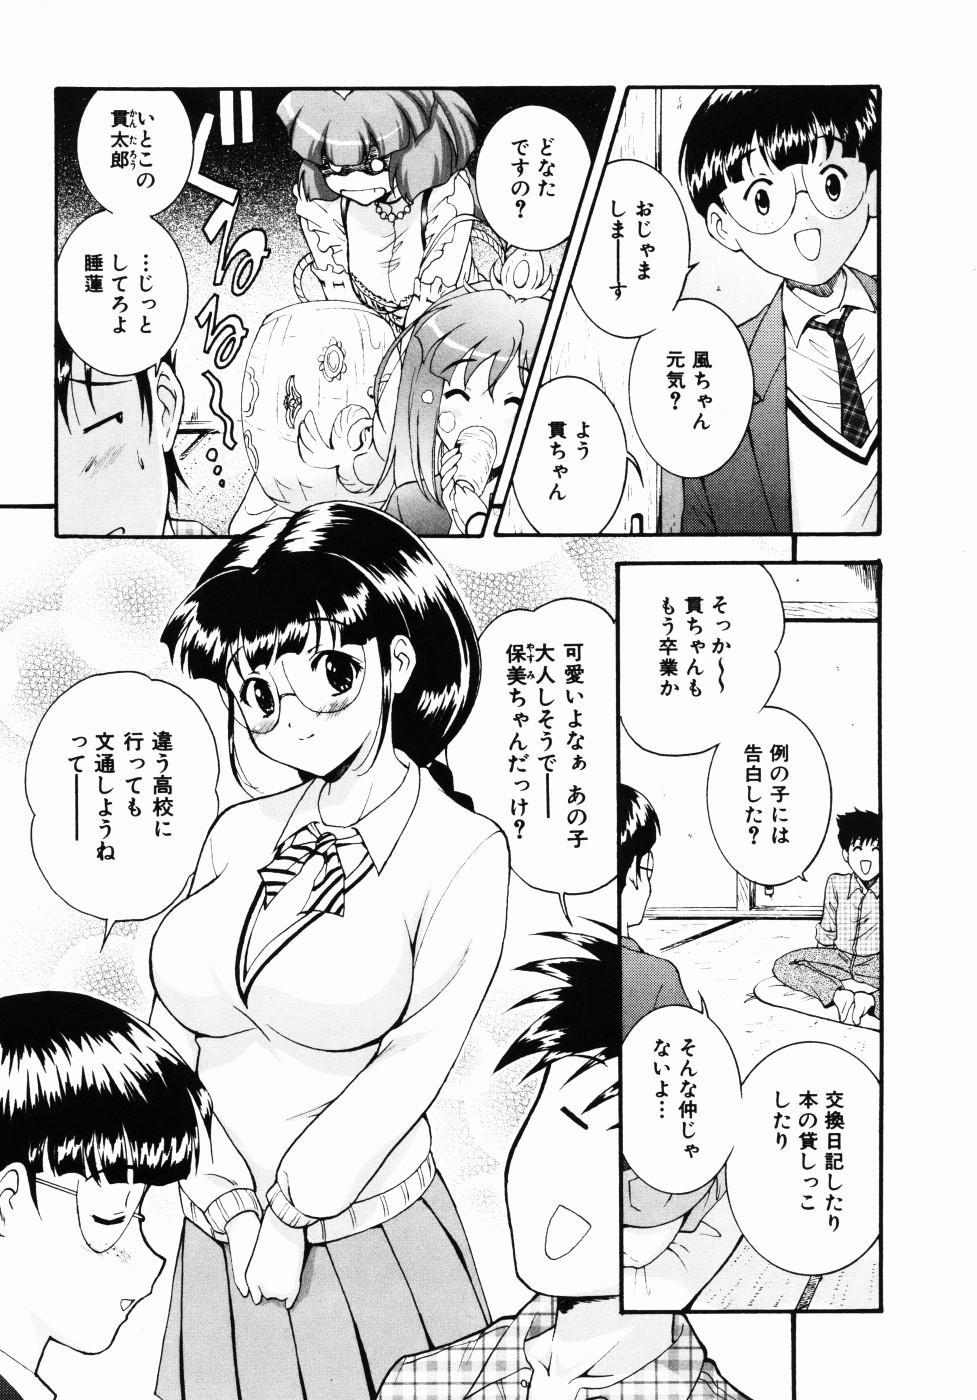 Daikyou Megami 106